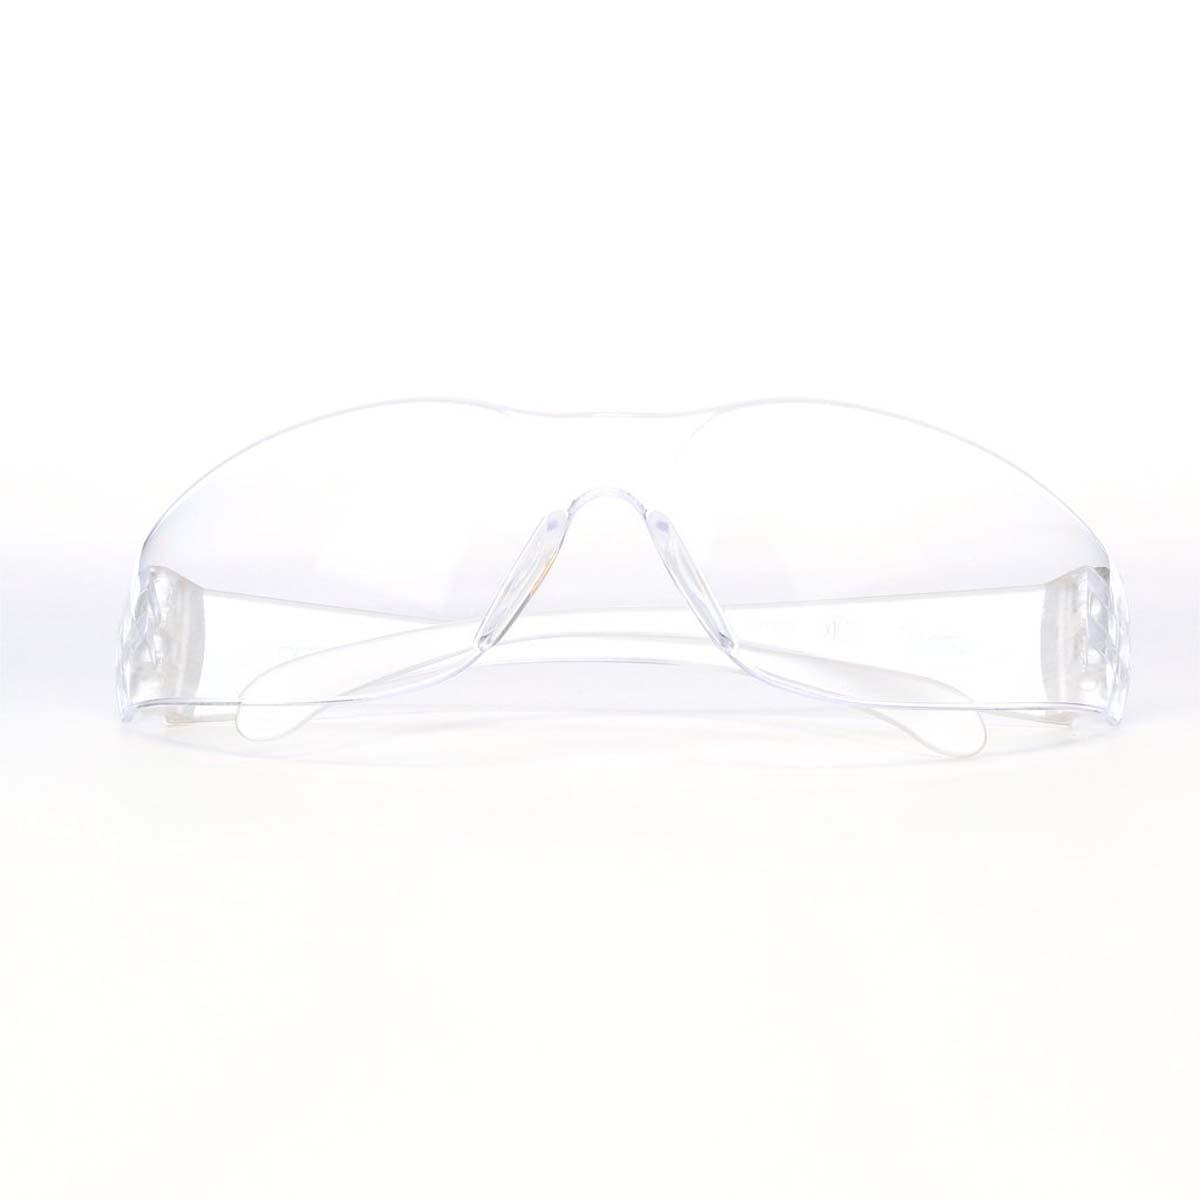 """3Mâ""""¢ Virtuaâ""""¢ Protective Eyewear 11326-00000-20 Clear Temples Clear Hard Coat Lens,"""